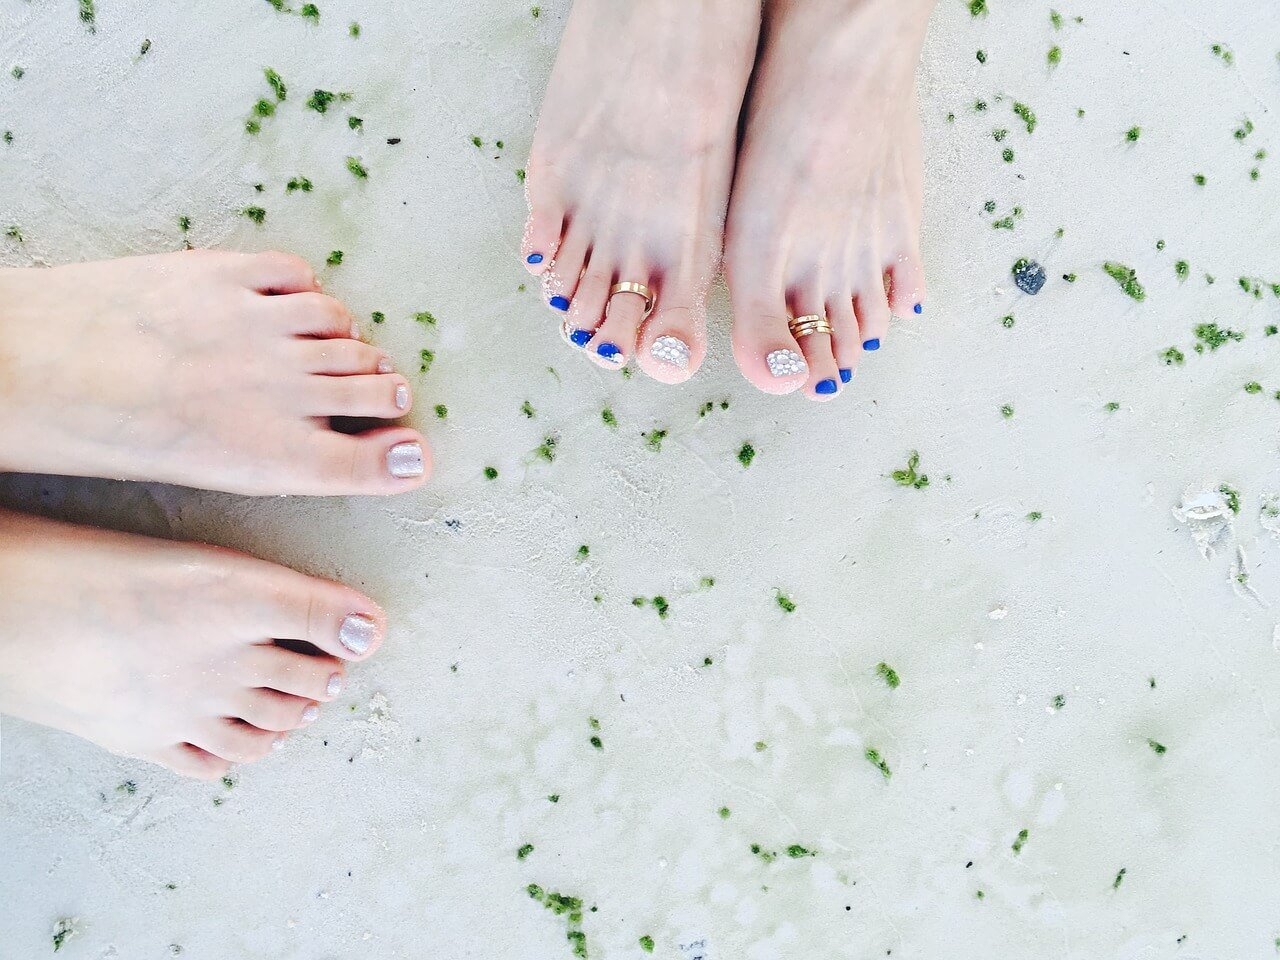 Καλοκαίρι και Μύκητες Νυχιών; Μάθετε πώς να προστατευτείτε!